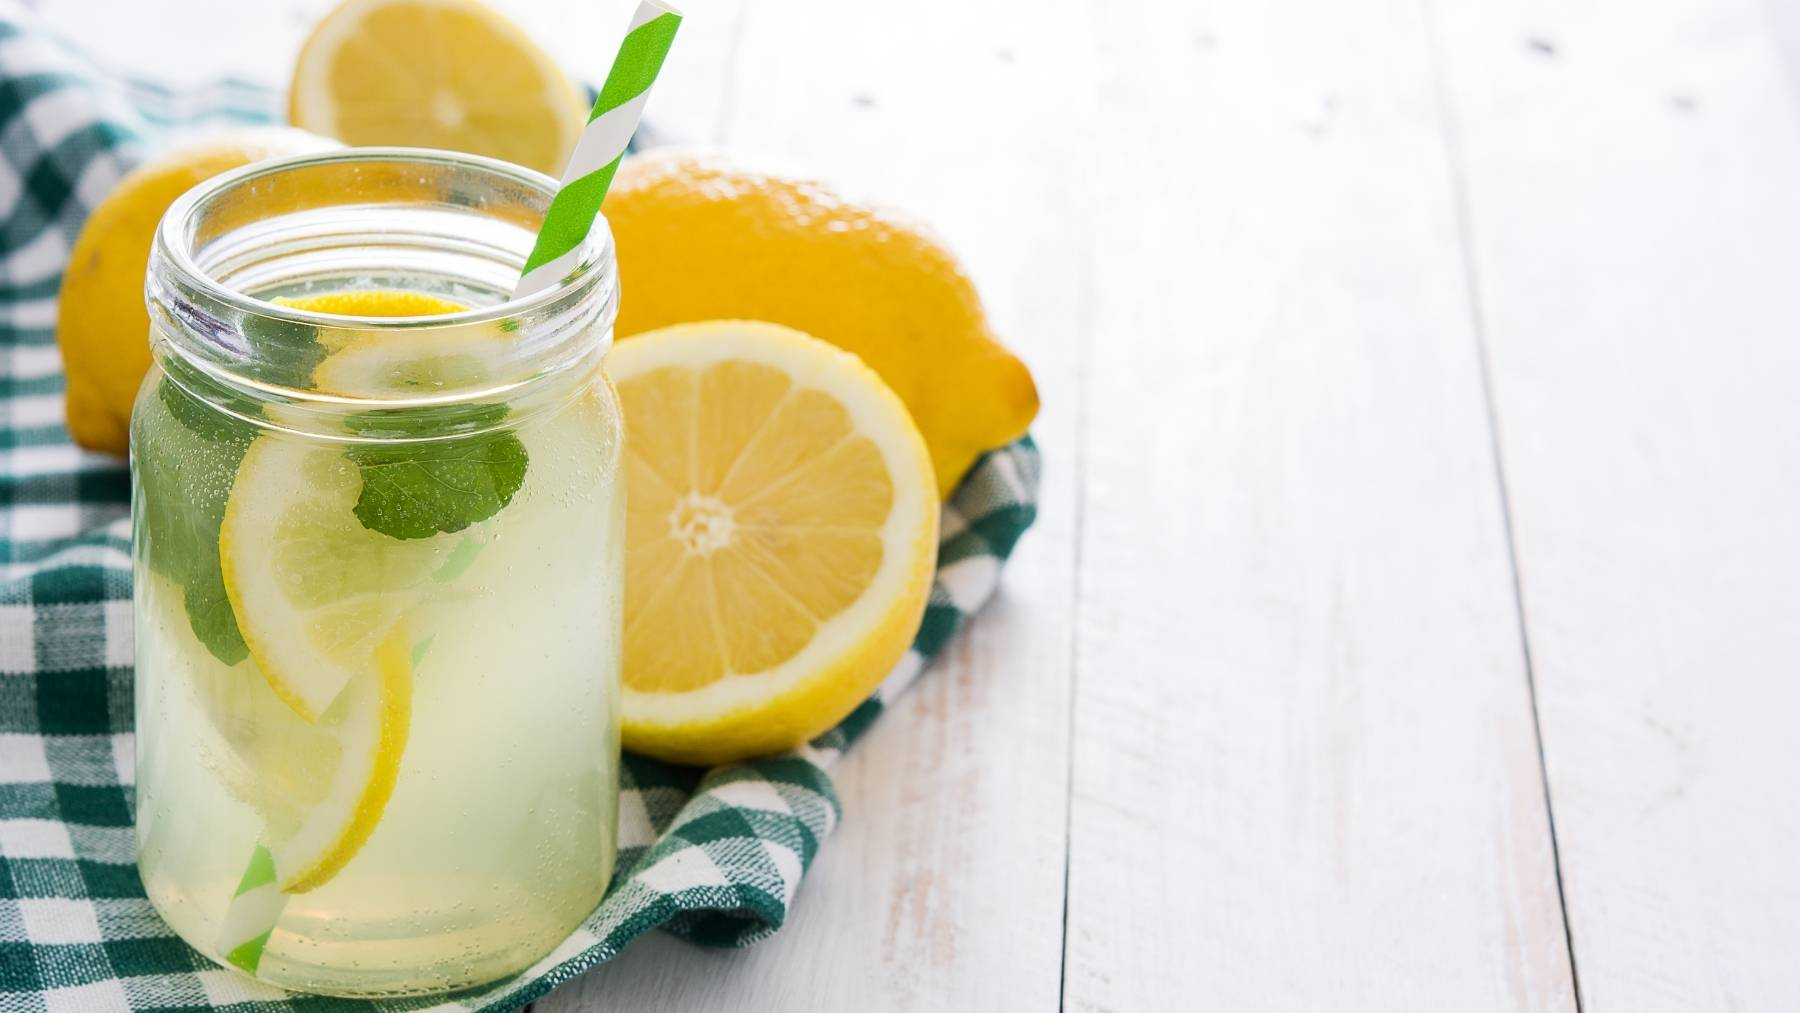 Receta de la limoná madrileña